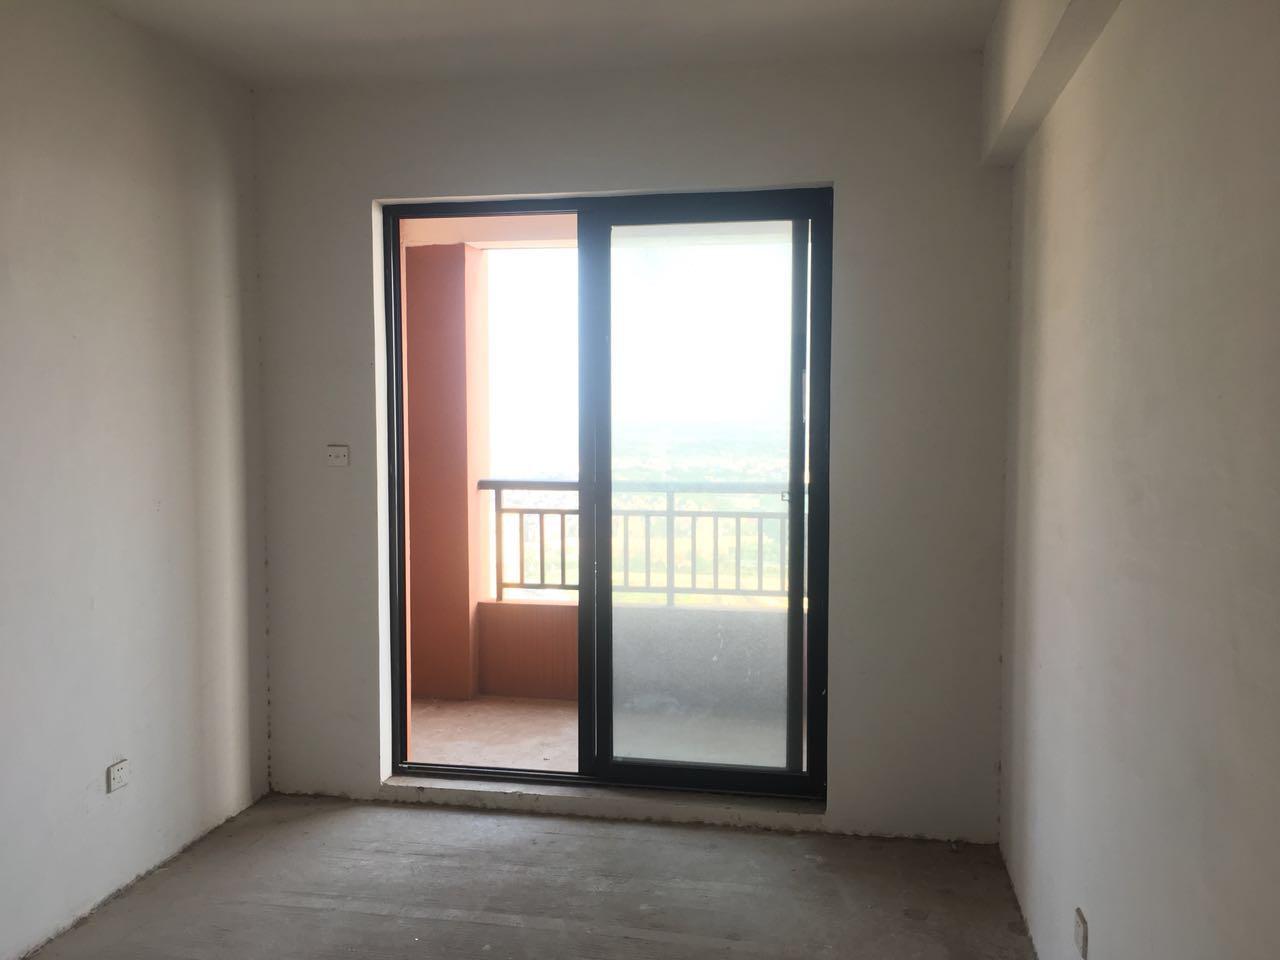 金义都市 特价三房实用100平 高层景观